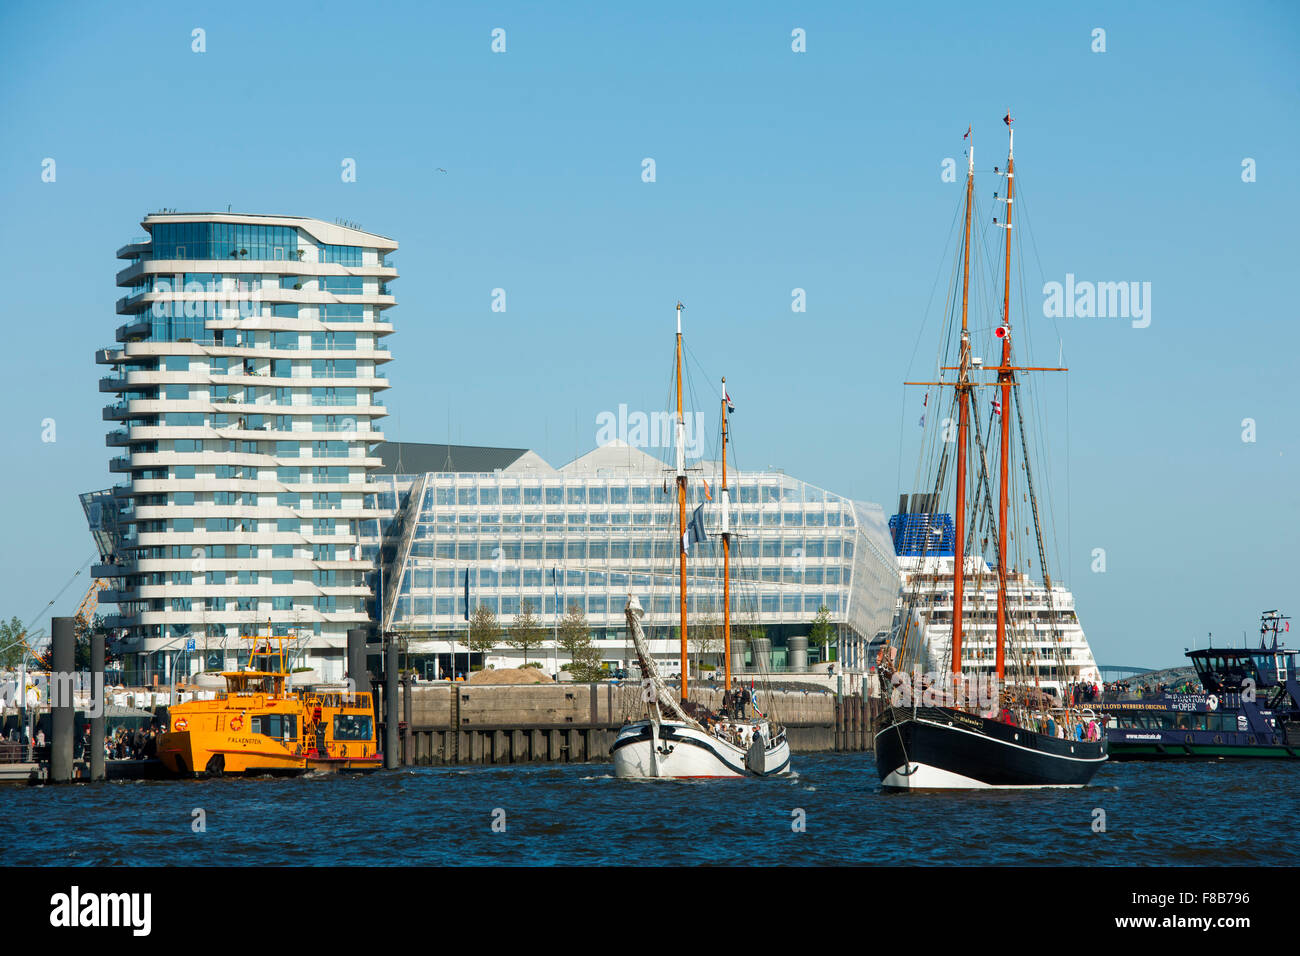 Deutschland, Hamburg, Norderelbe, ehemaliger Lotsenschoner Atalanta (1901) und die dreimastige Barkentine Loth Loriën, - Stock Image